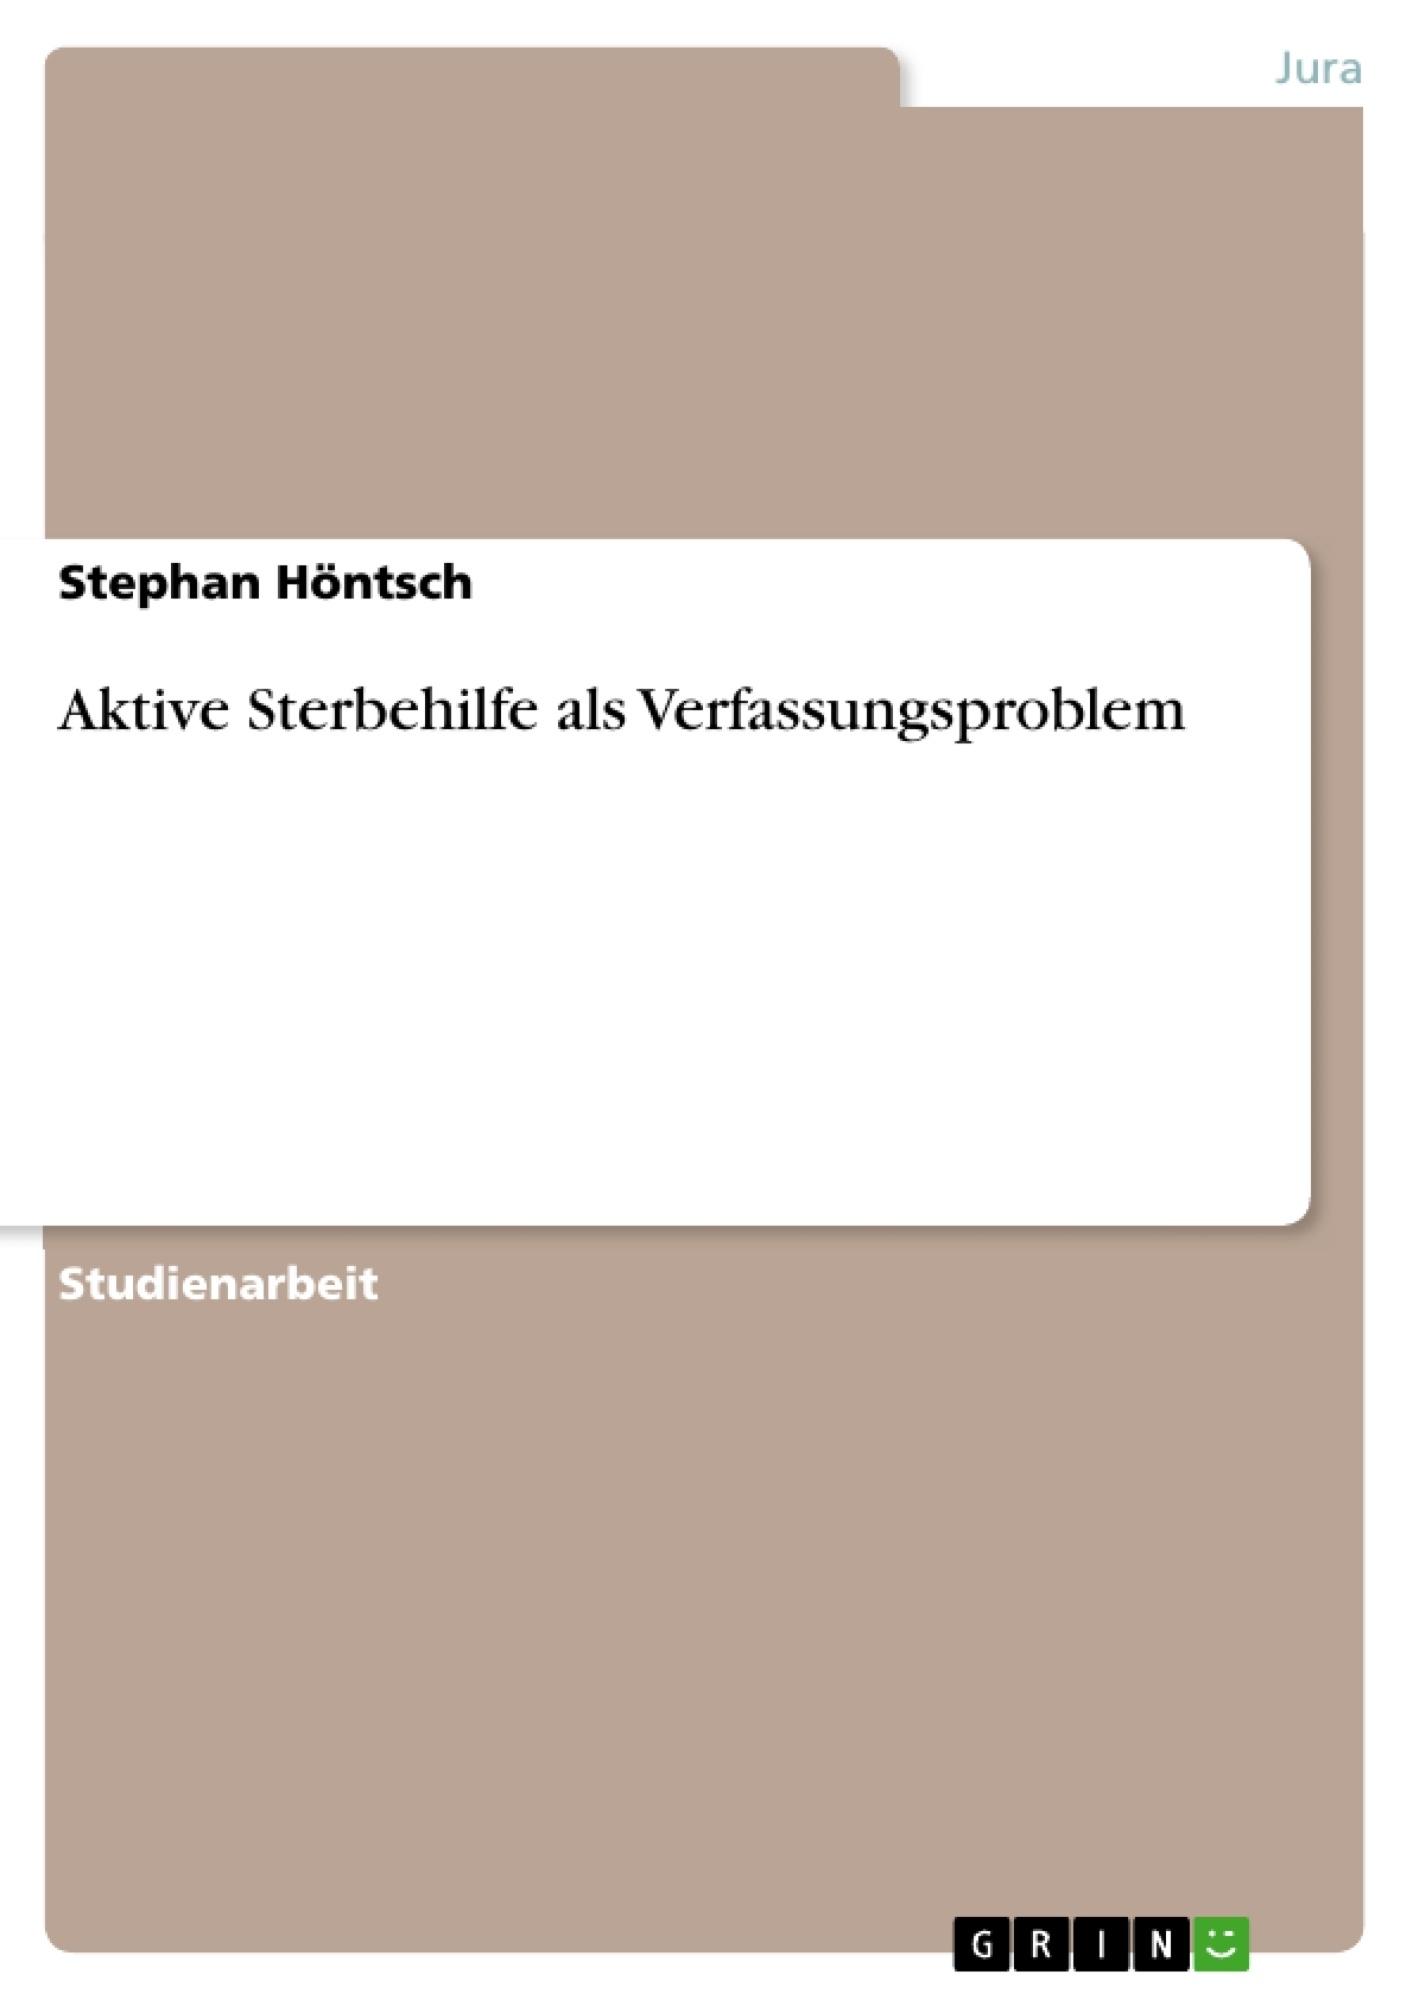 Titel: Aktive Sterbehilfe als Verfassungsproblem